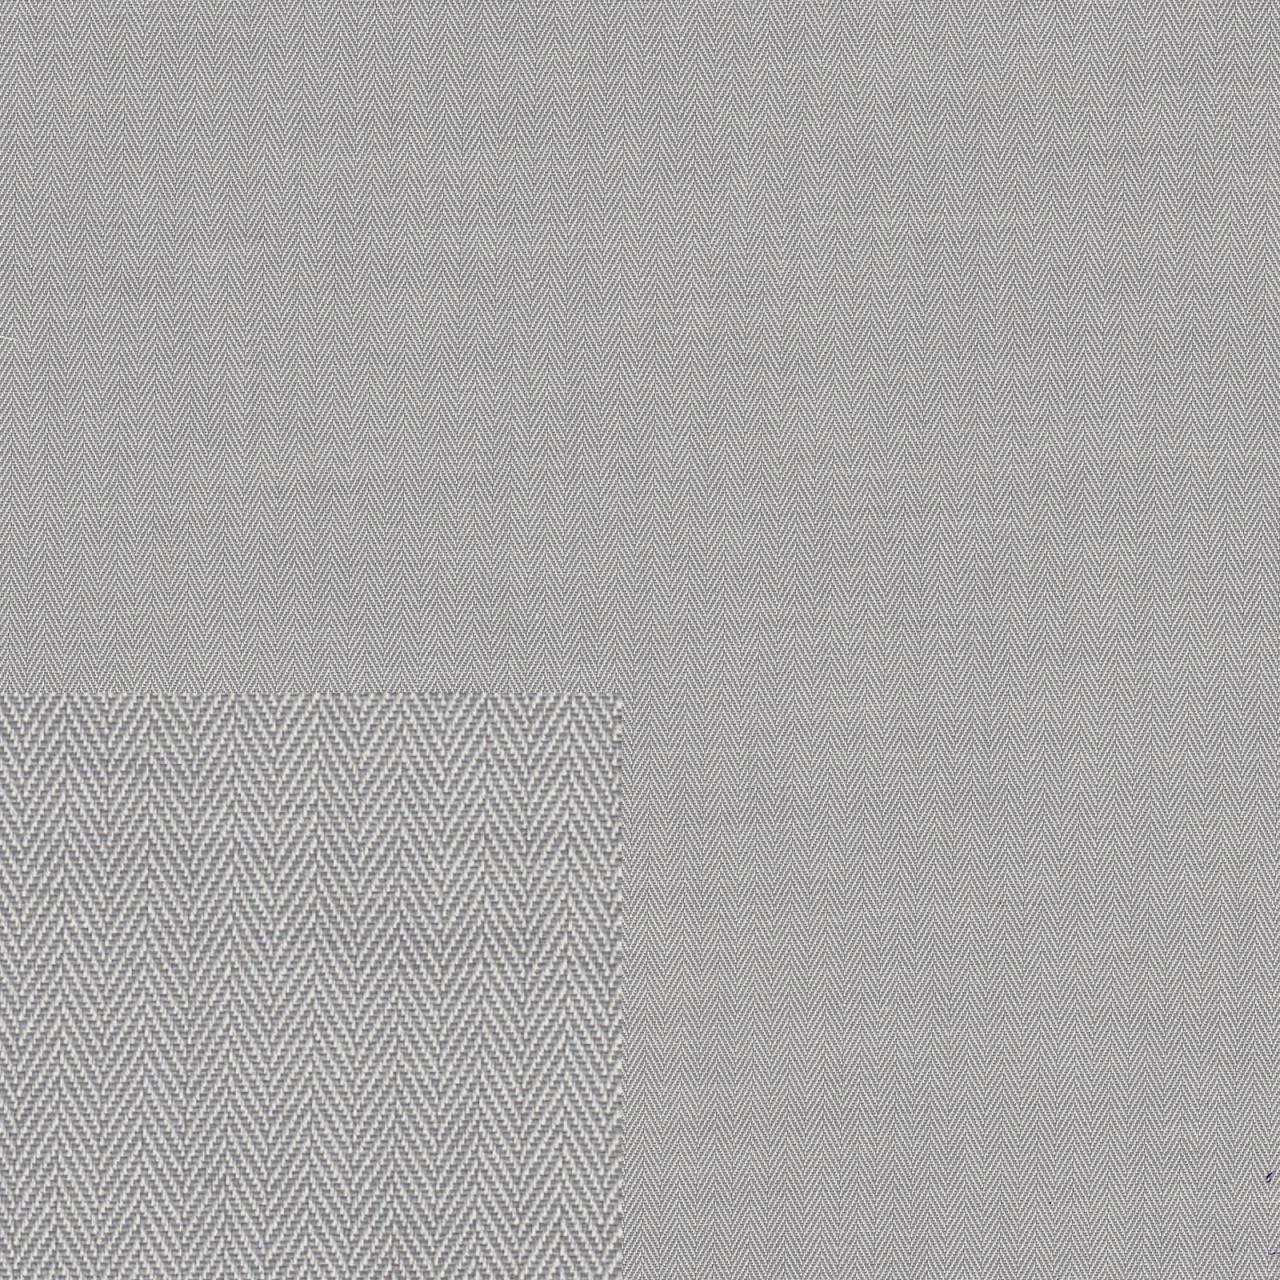 T77, 100/2, Rybí kost